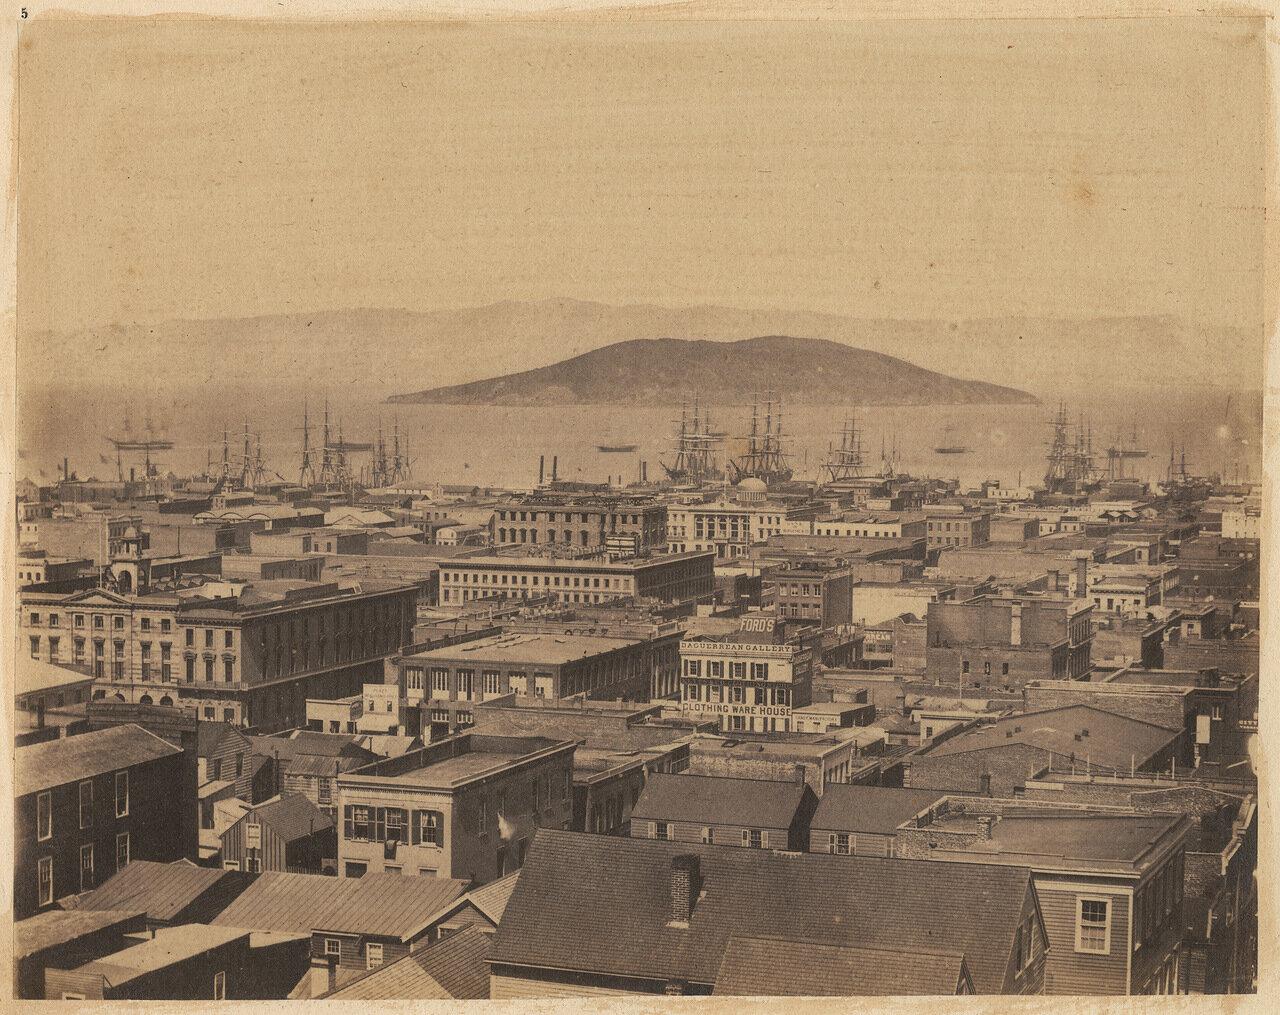 Взгляд на город со стороны Стоктон-стрит, видны кварталы между улицами Вашингтона и Сакраменто